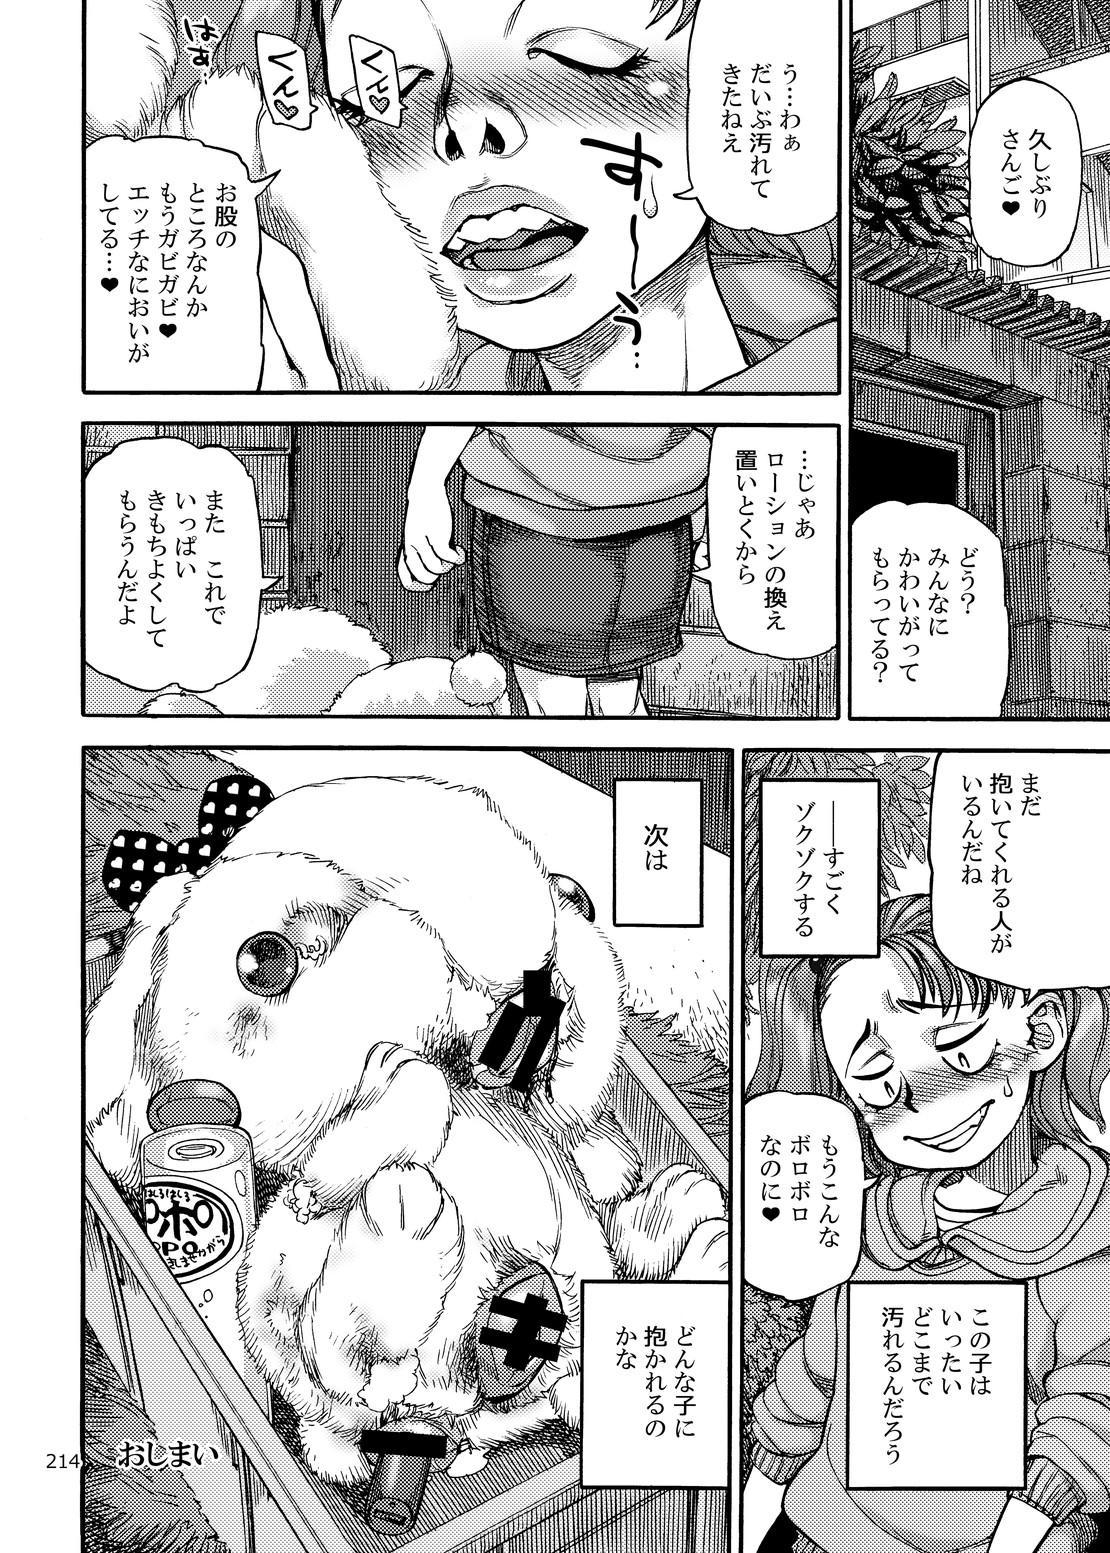 Shikibo Natsu 213